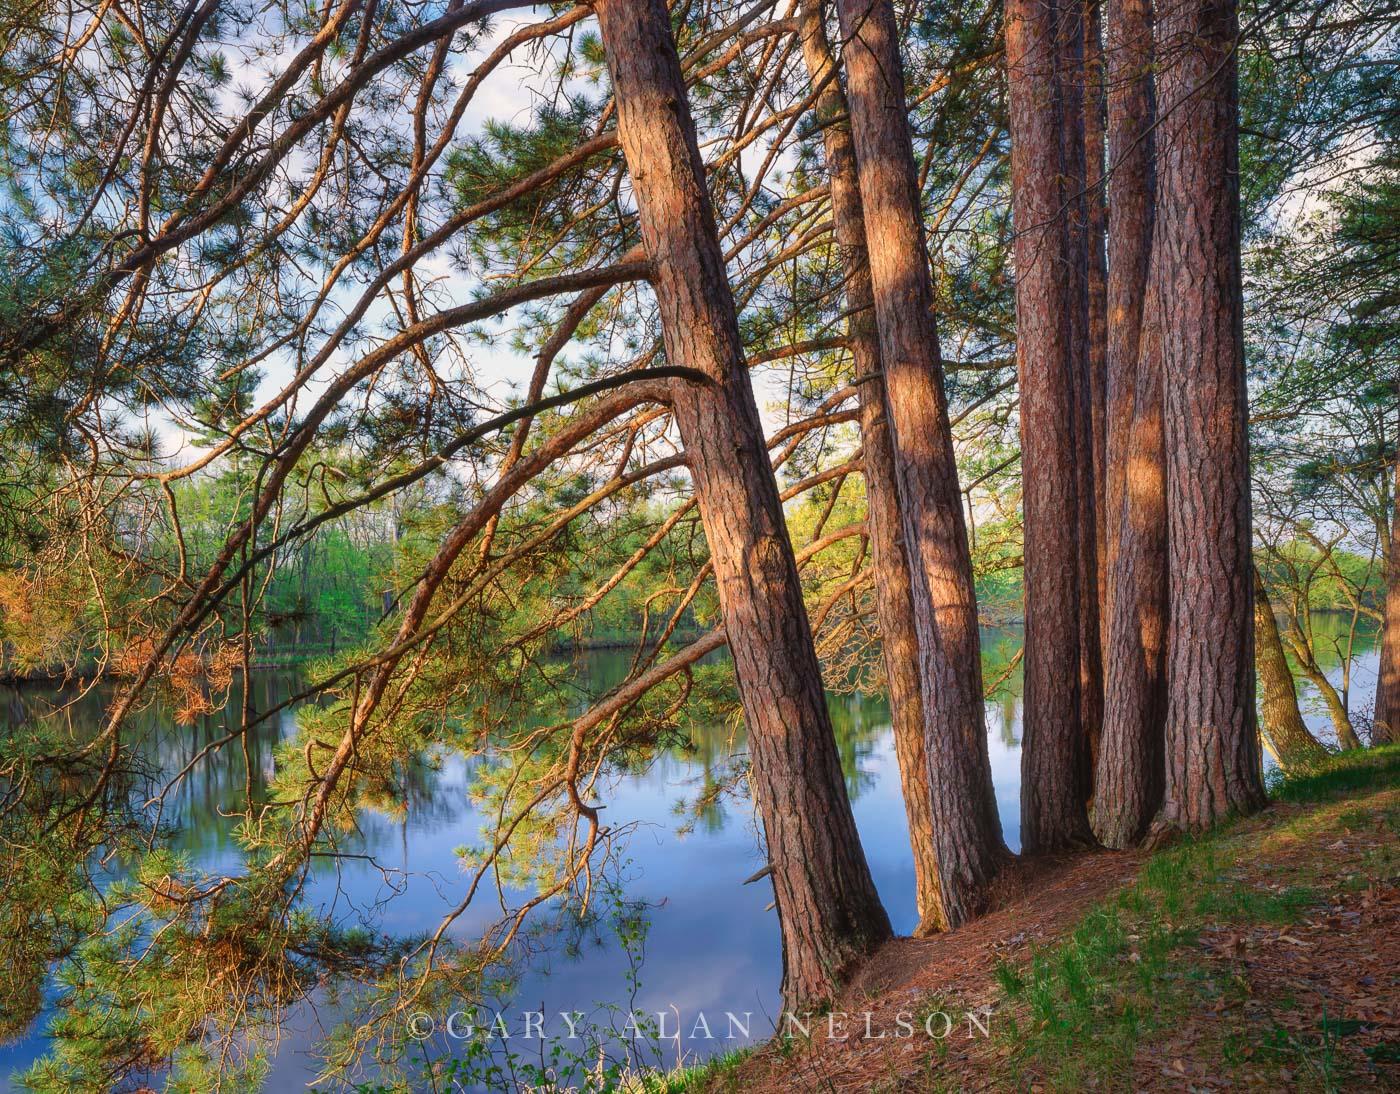 st. croix river, photo